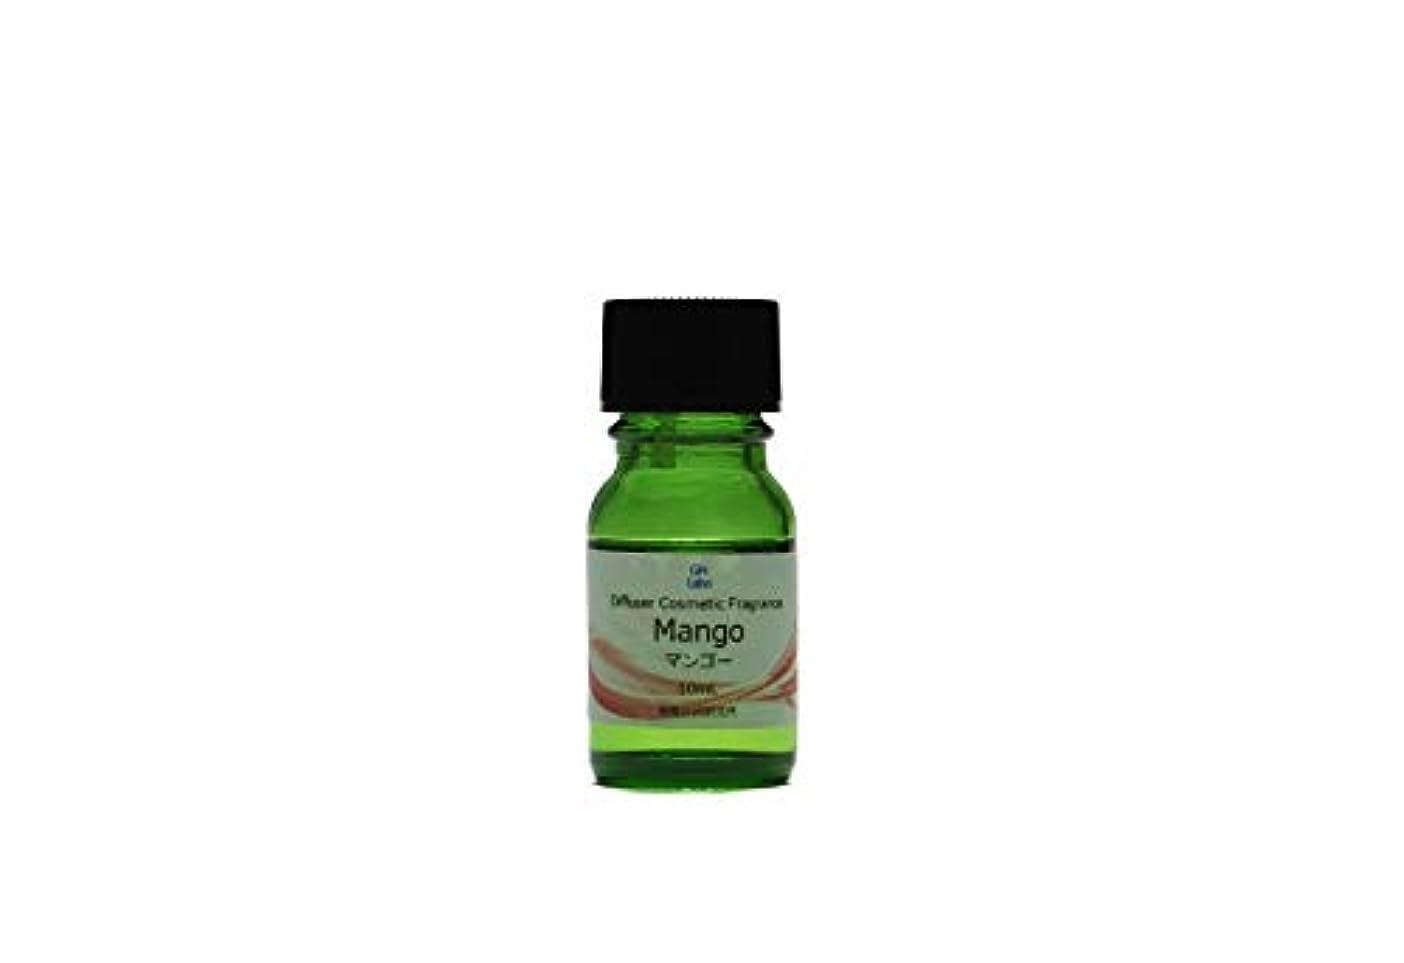 完了スポンサー複合マンゴー フレグランス 香料 ディフューザー アロマオイル 手作り 化粧品用